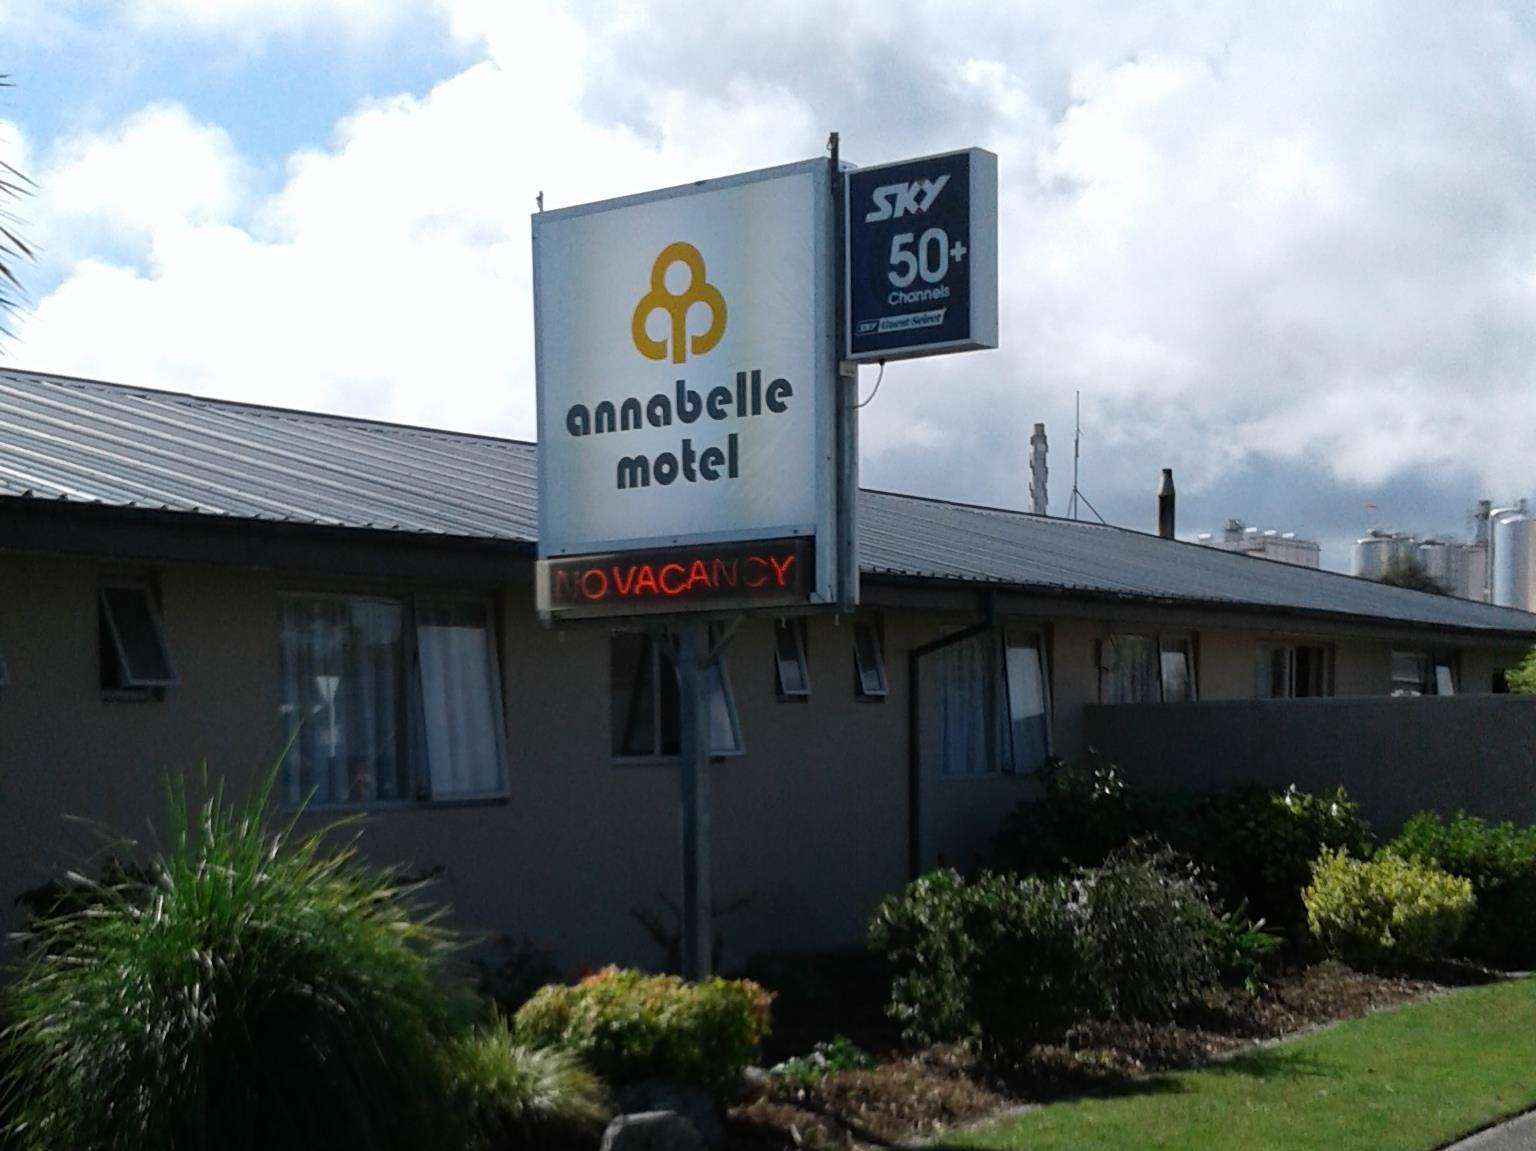 Annabelle Motel, Westland